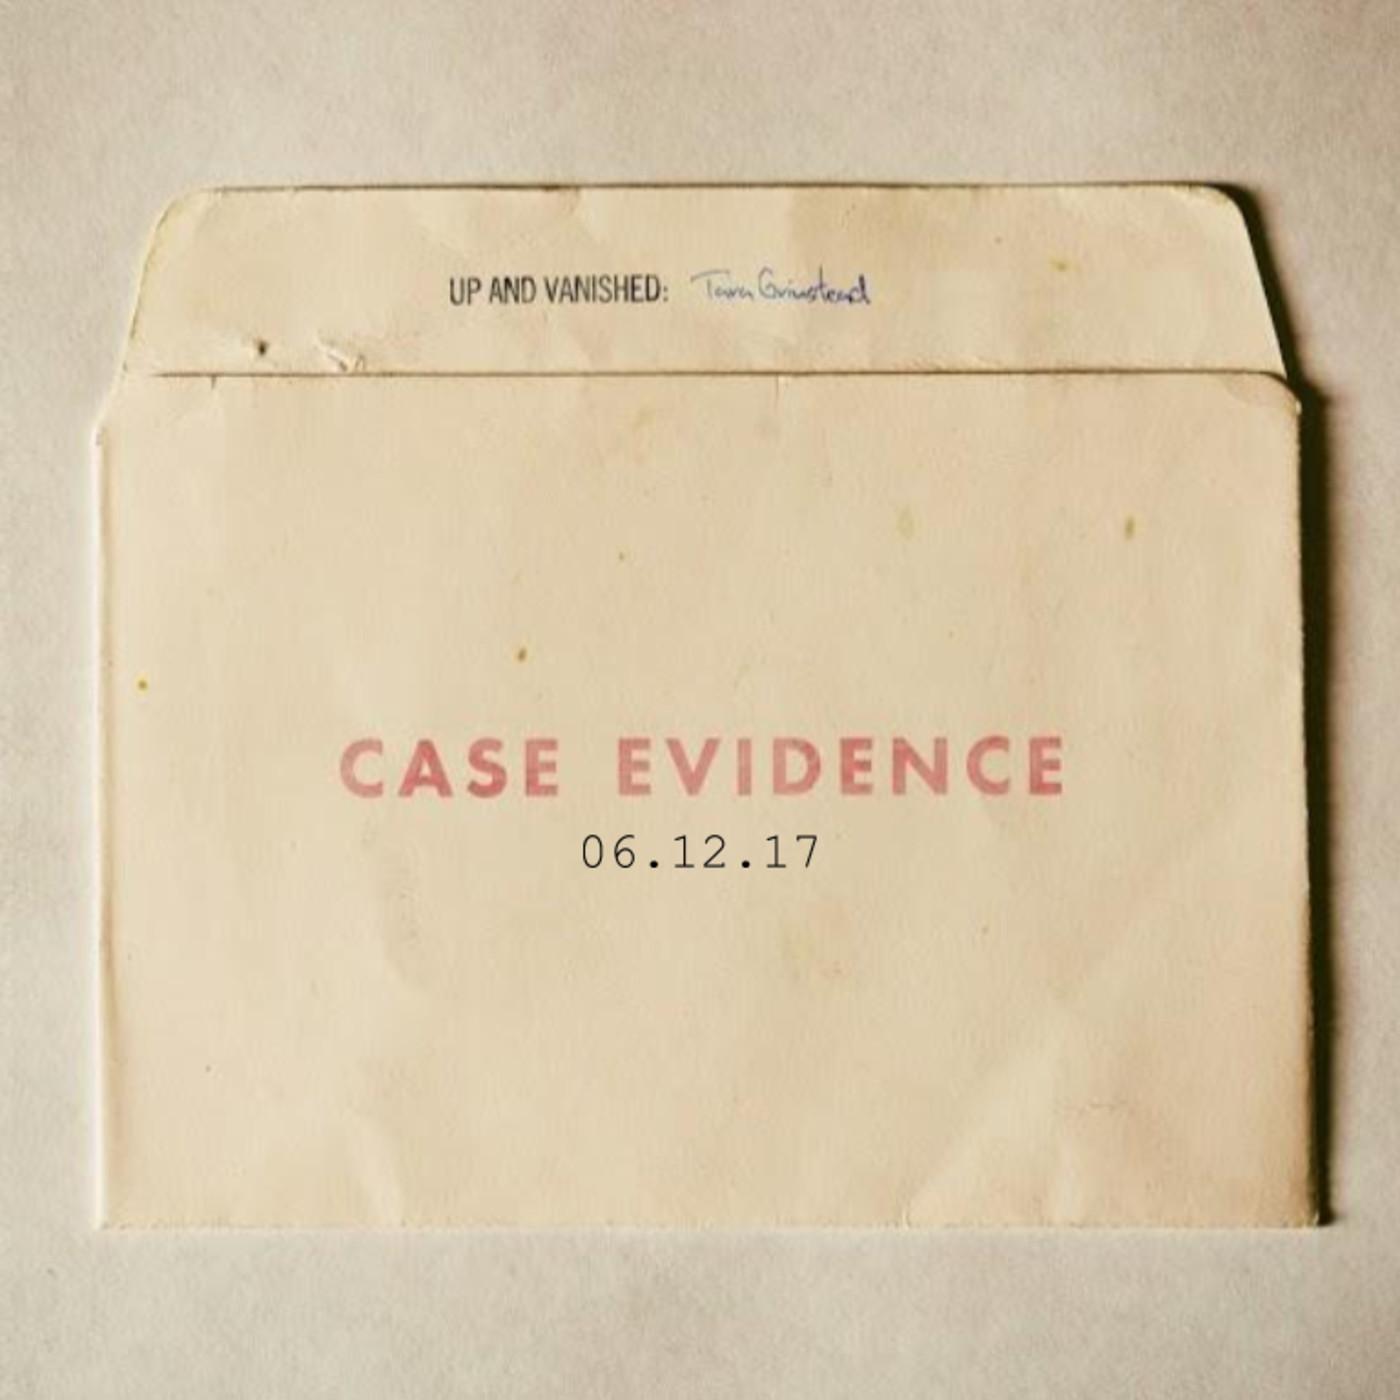 S1E : Case Evidence 06.12.17